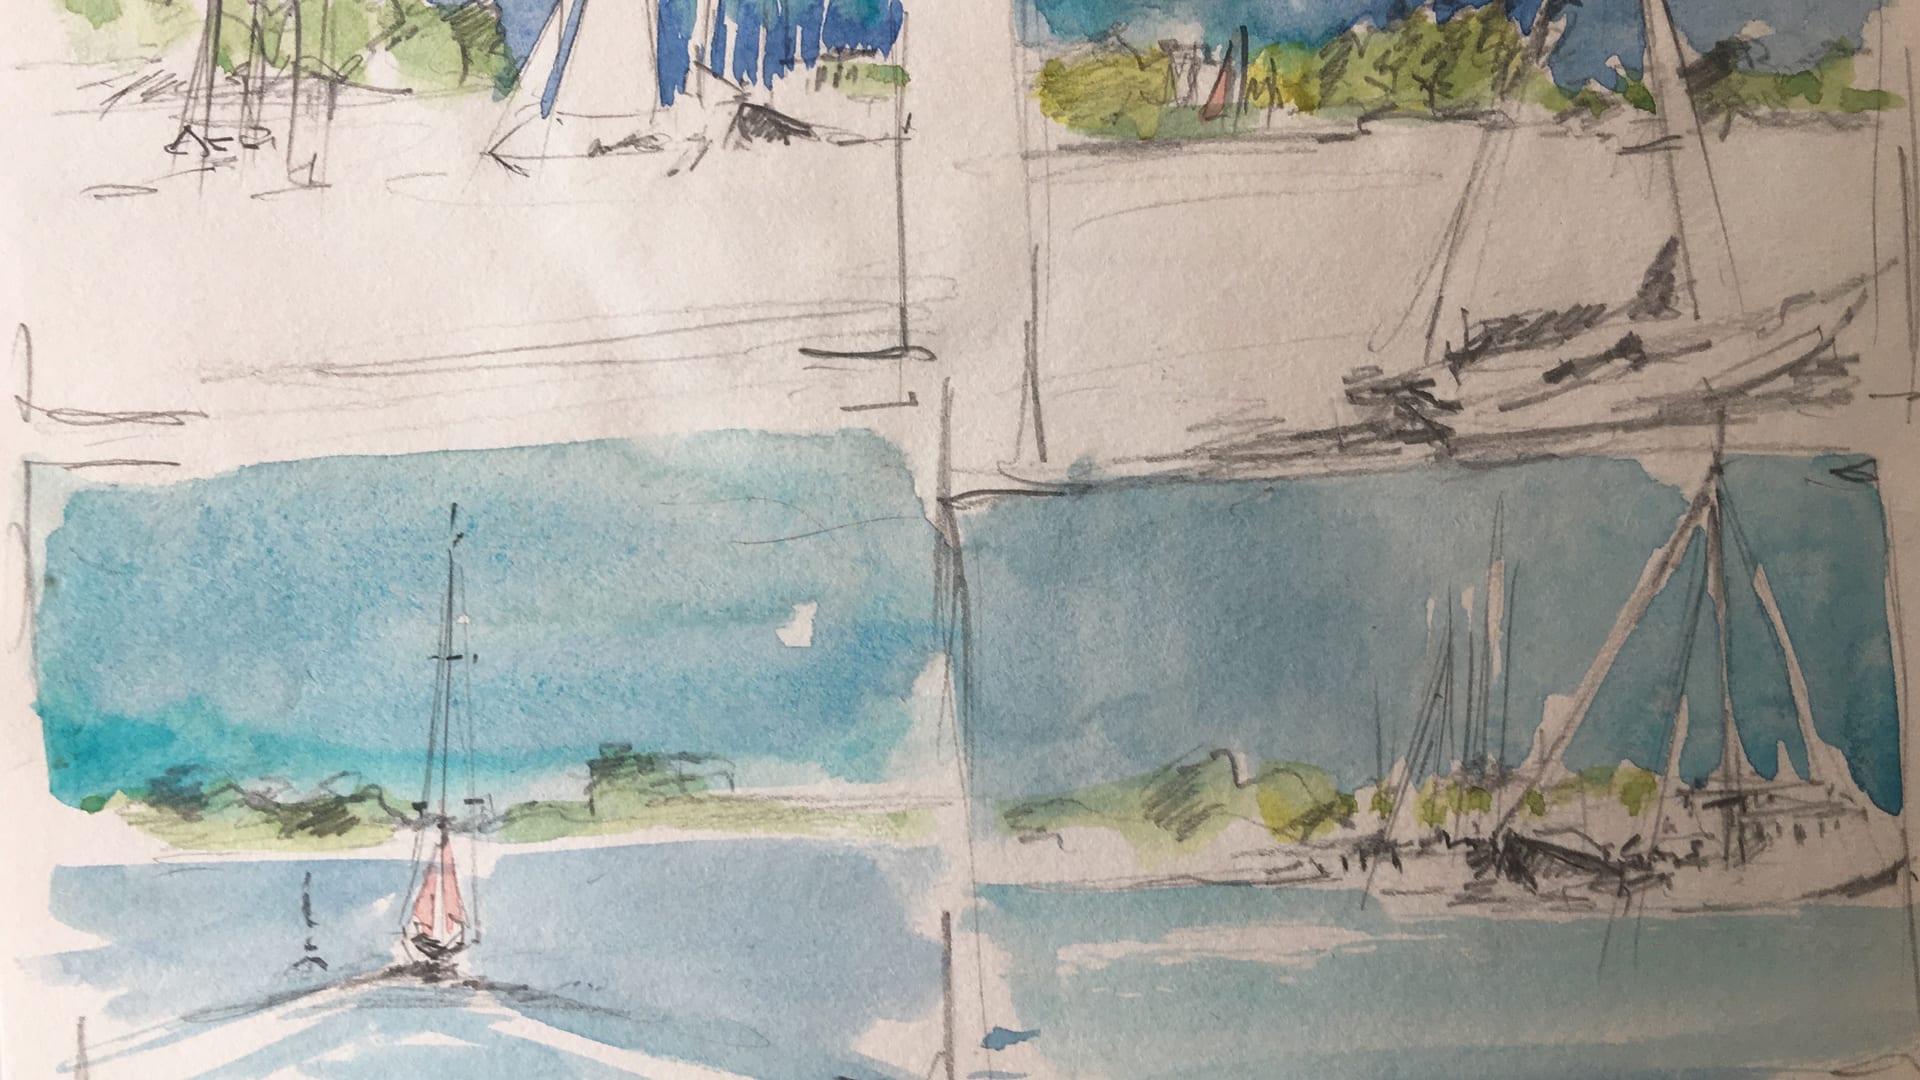 Boote-(c)-Sonja-Janichsen-1920-x-1080-px